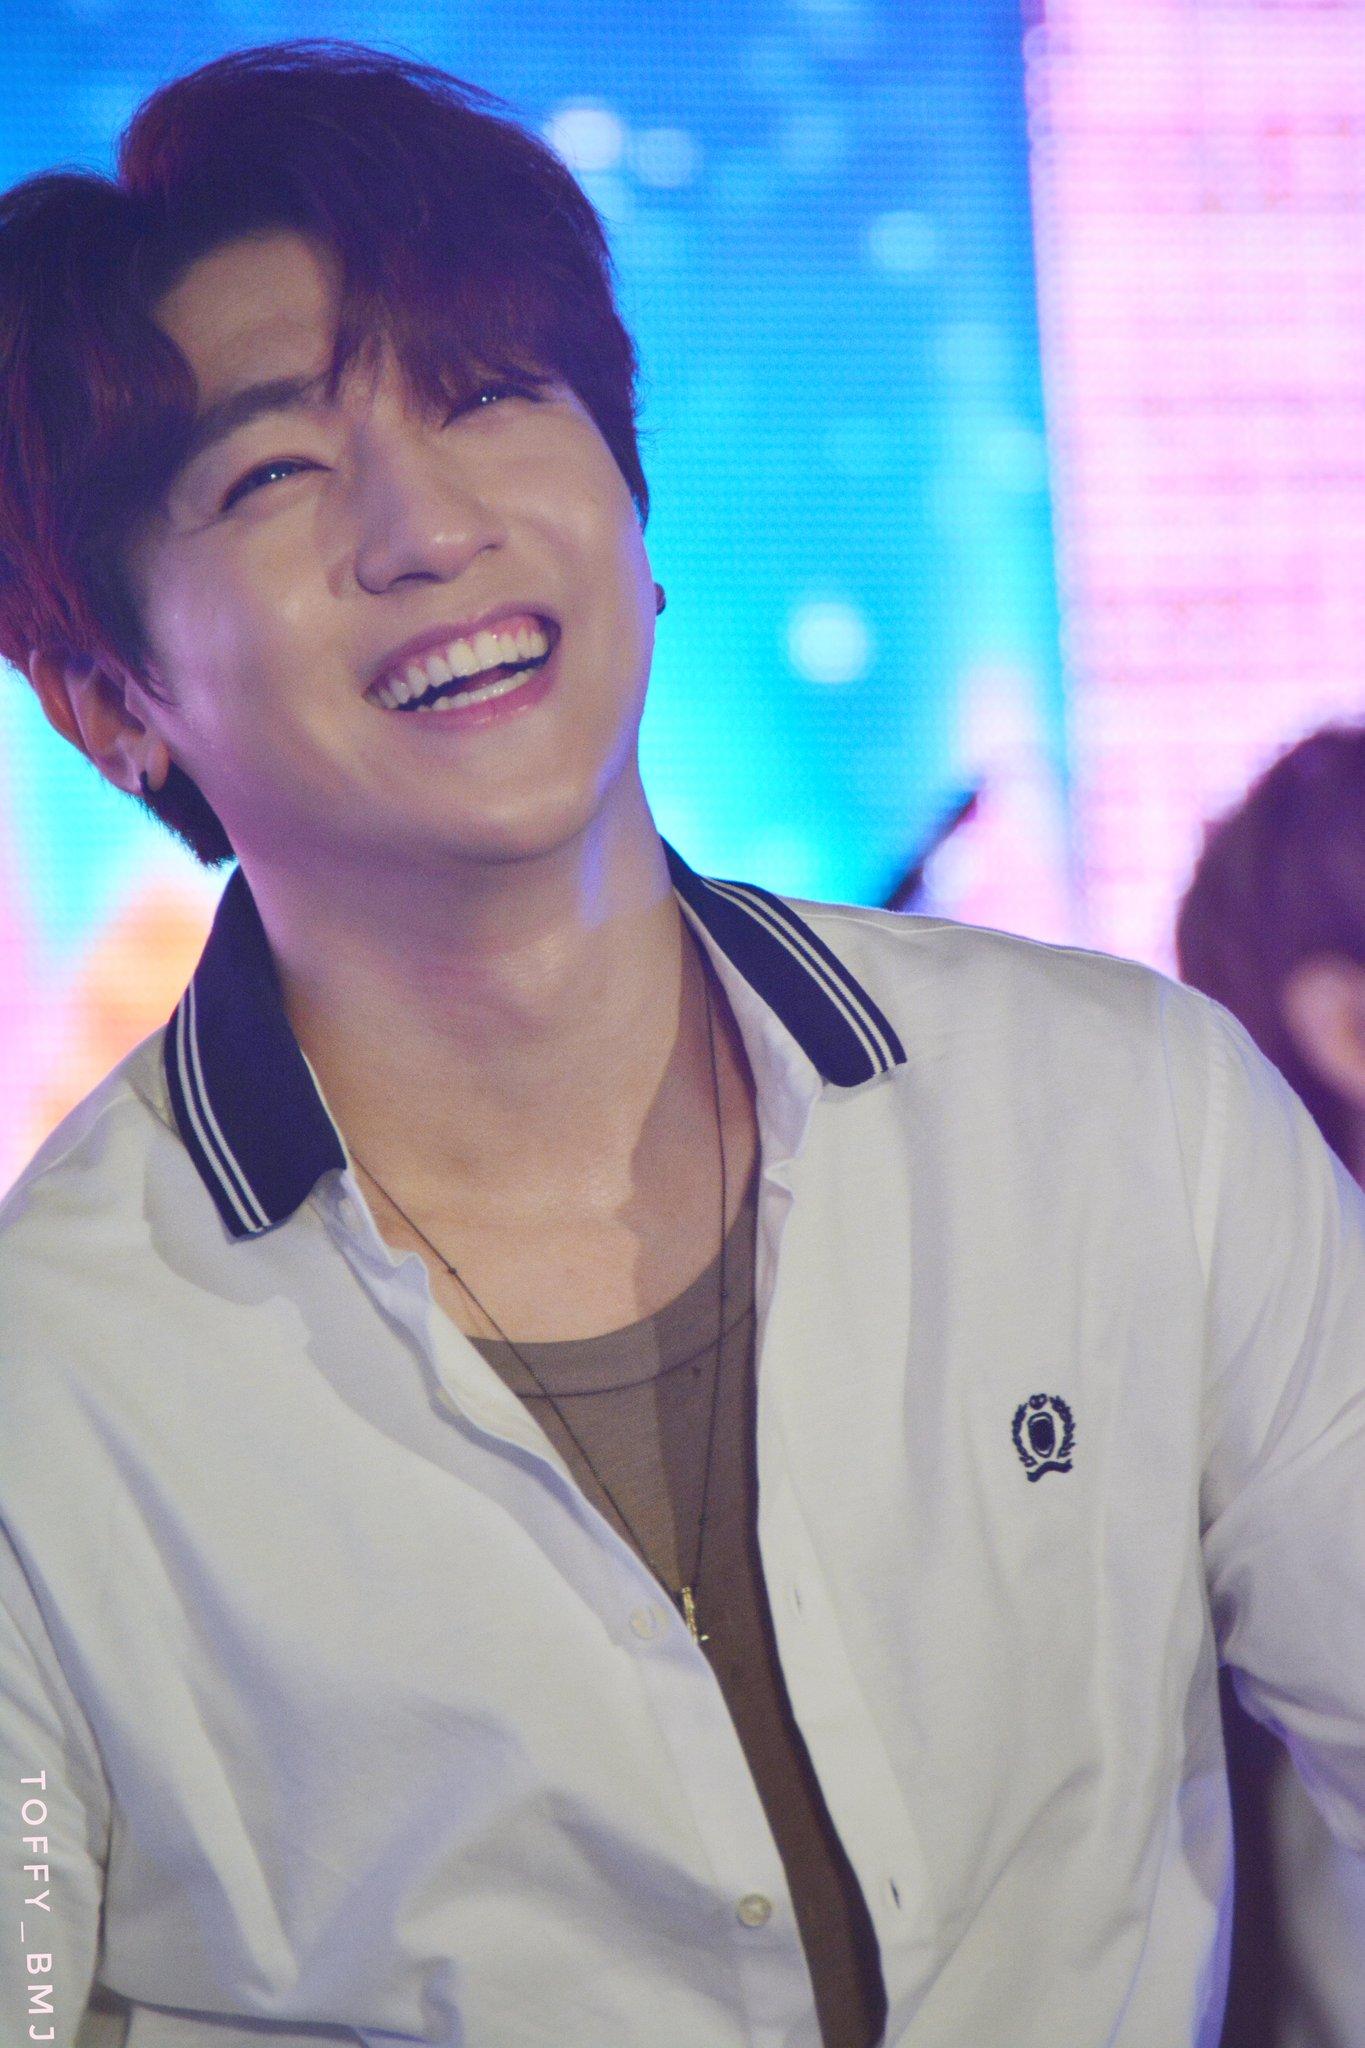 หล่อ..เท่..น่ารัก มาหมดเลยค่ะ #Sungjin #Day6 #EMWinterwonderland https://t.co/7fyURLGMr4